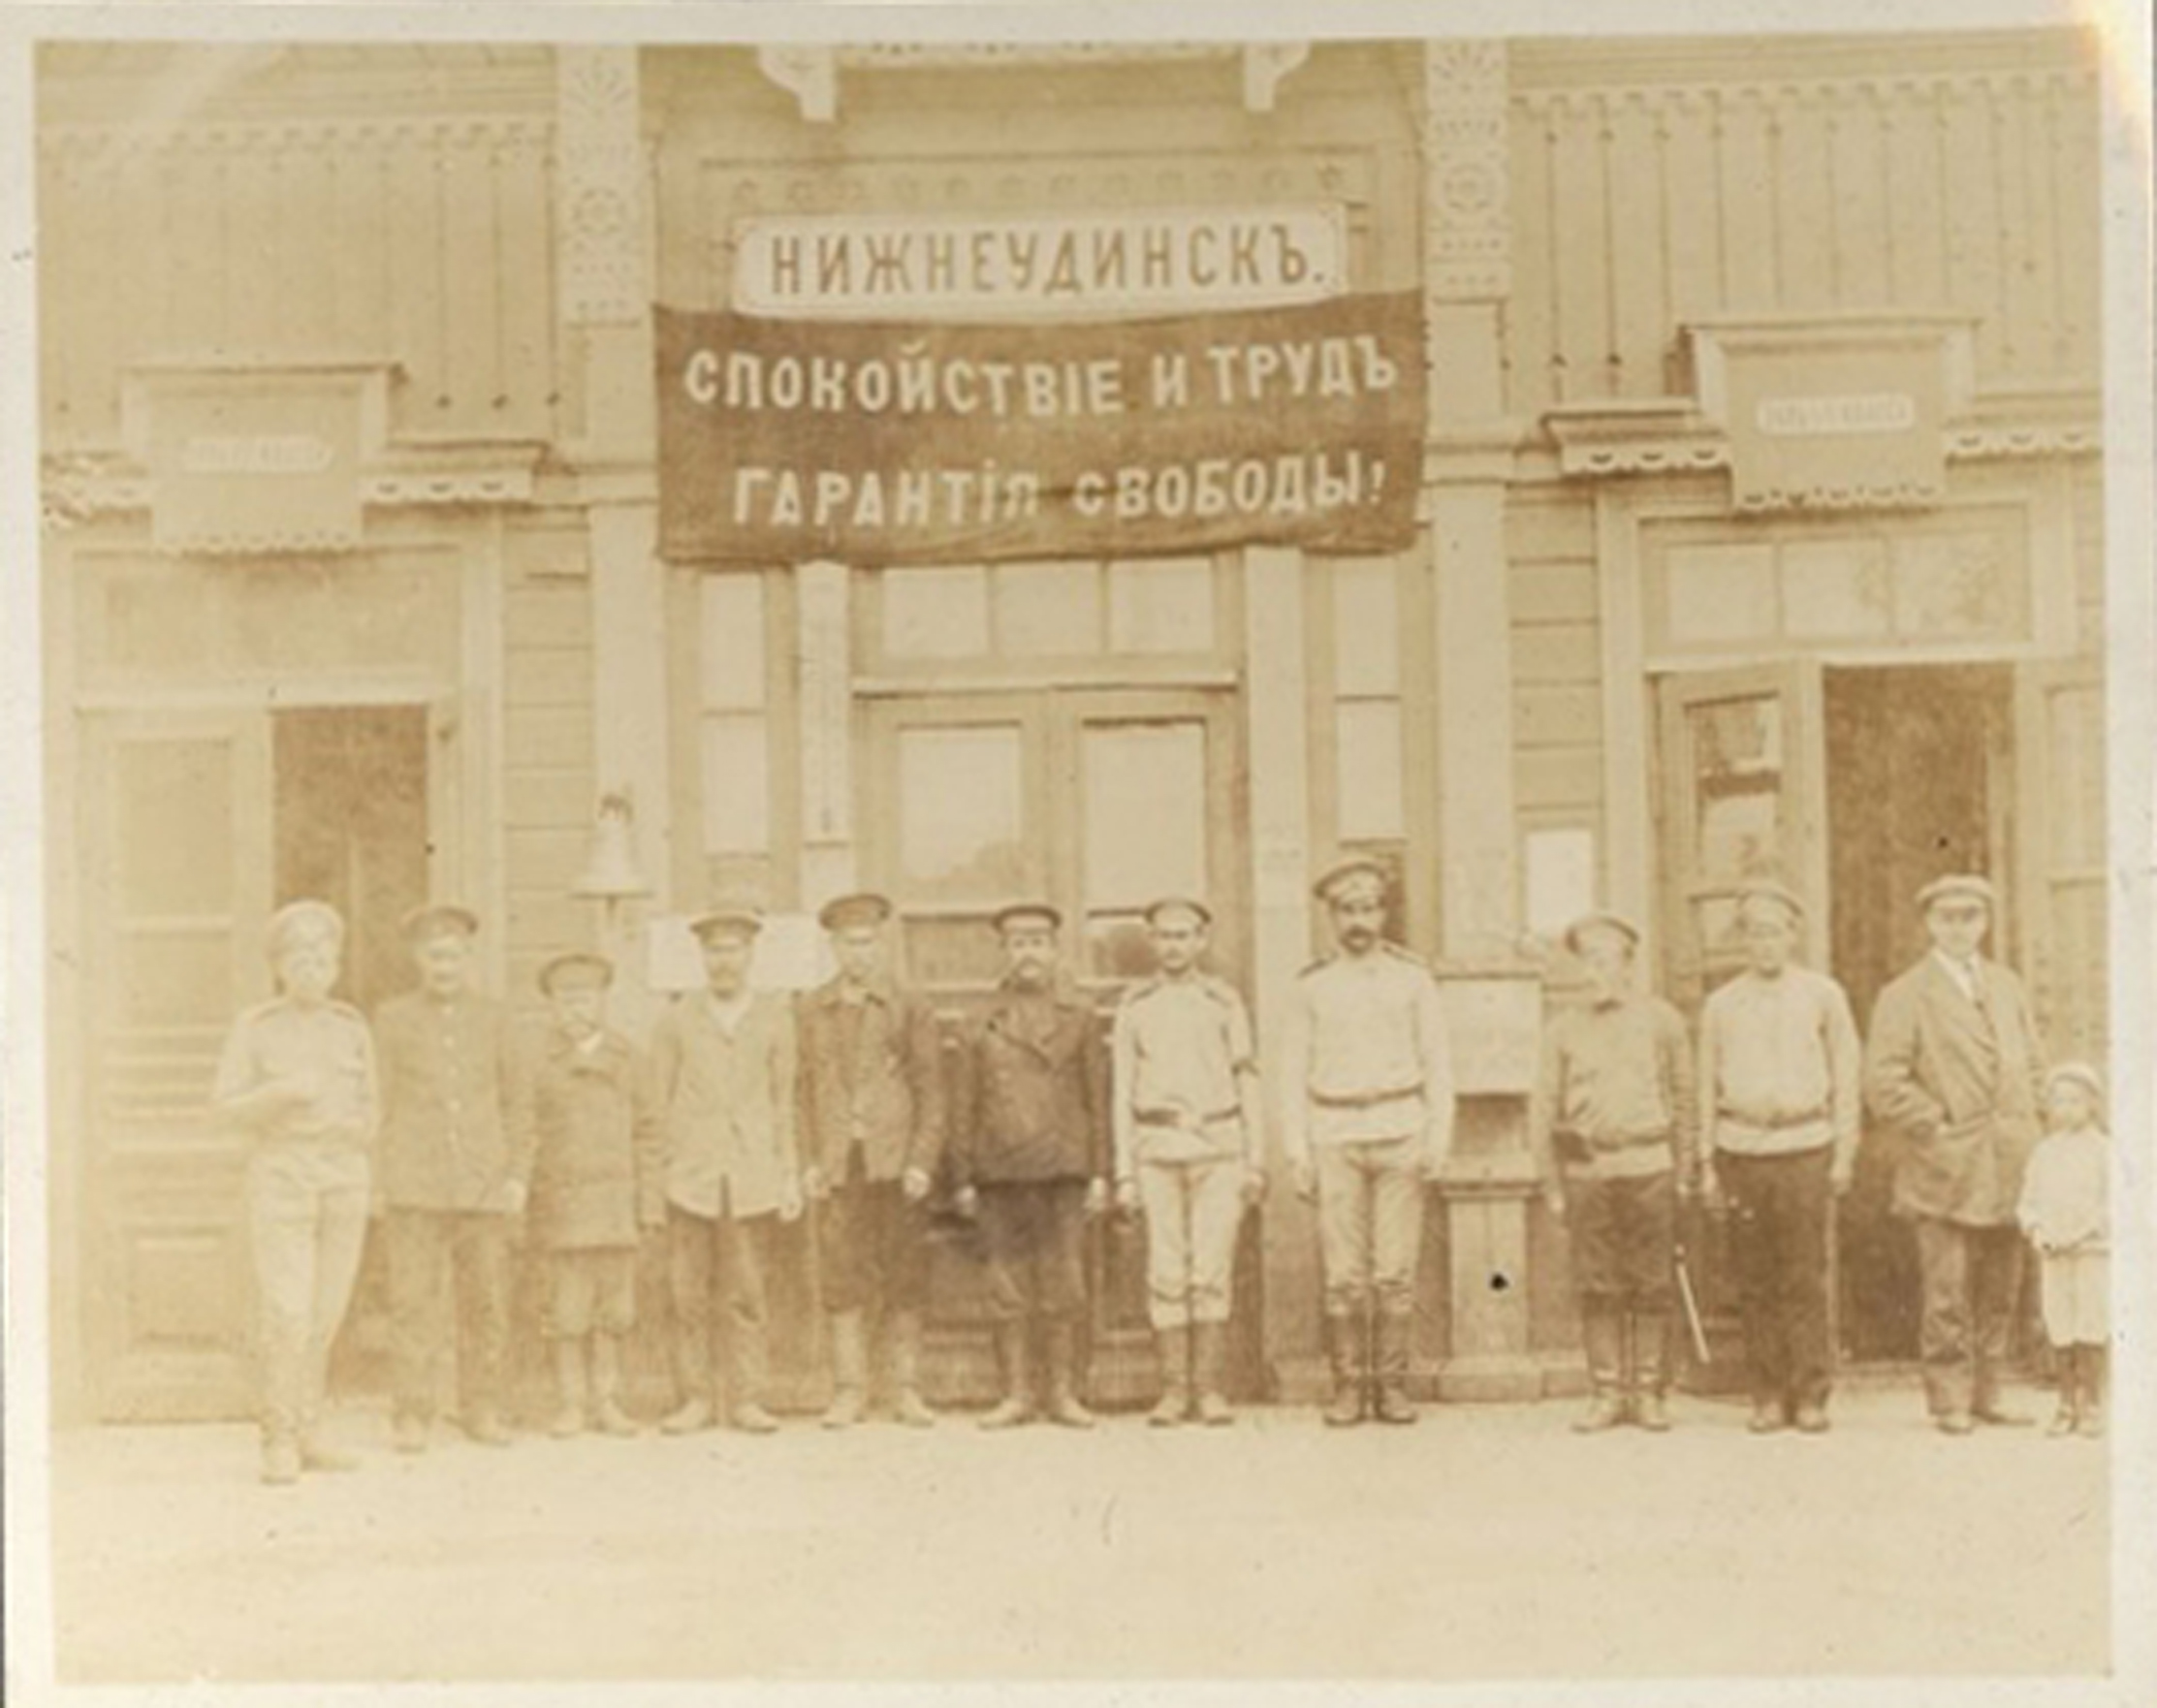 Железнодорожный вокзал станции Нижнеудинск во время гражданской войны, 1918 год